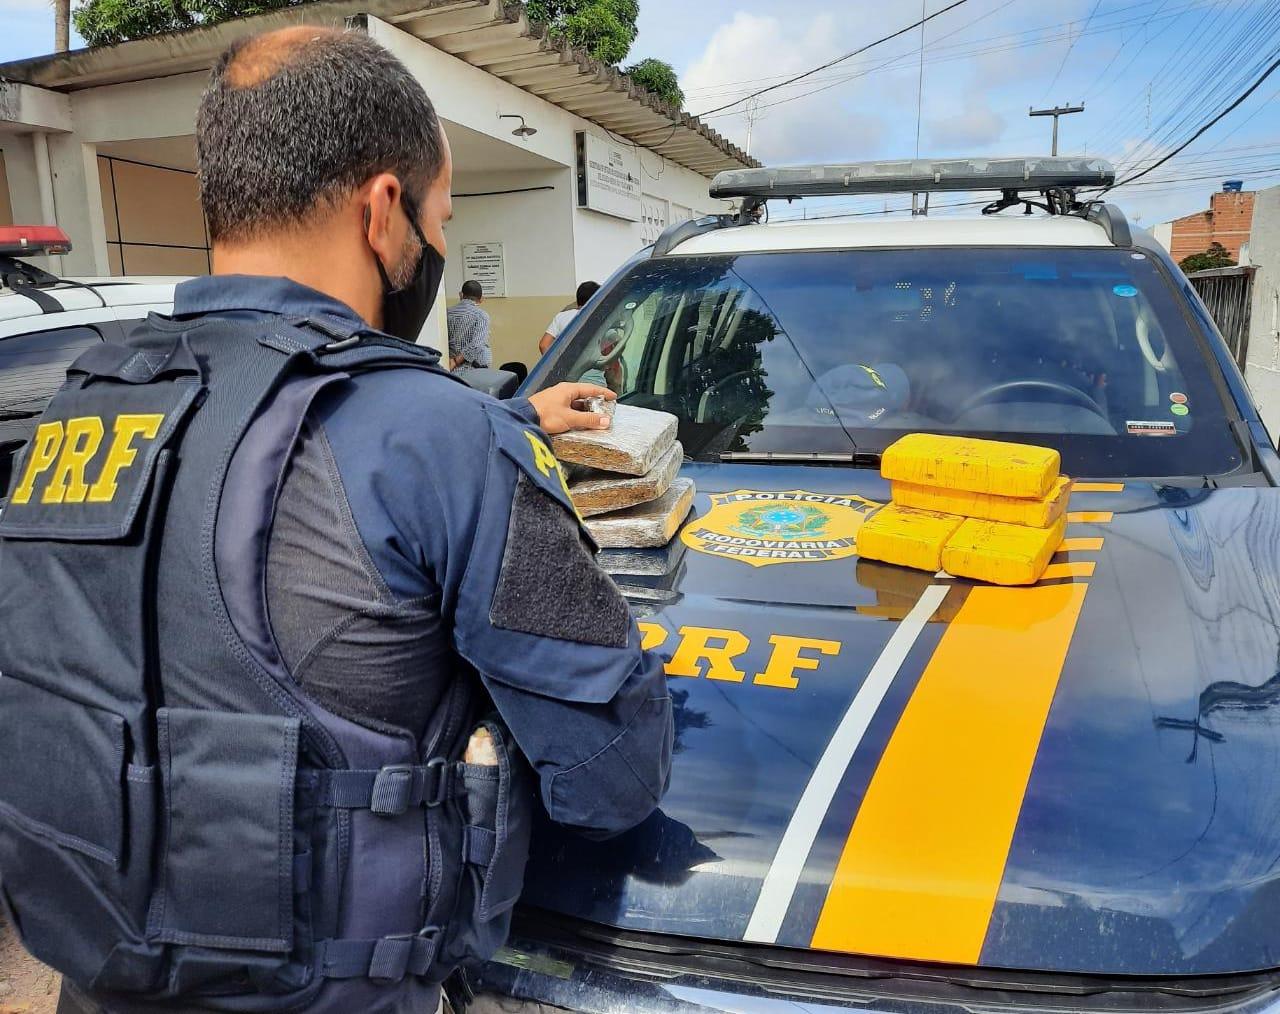 WhatsApp Image 2021 05 01 at 14.49.24 - AVALIADAS EM R$ 650 mil! PRF apreende oito quilos de cocaína e skunk, na região metropolitana de João Pessoa - VEJA VÍDEO